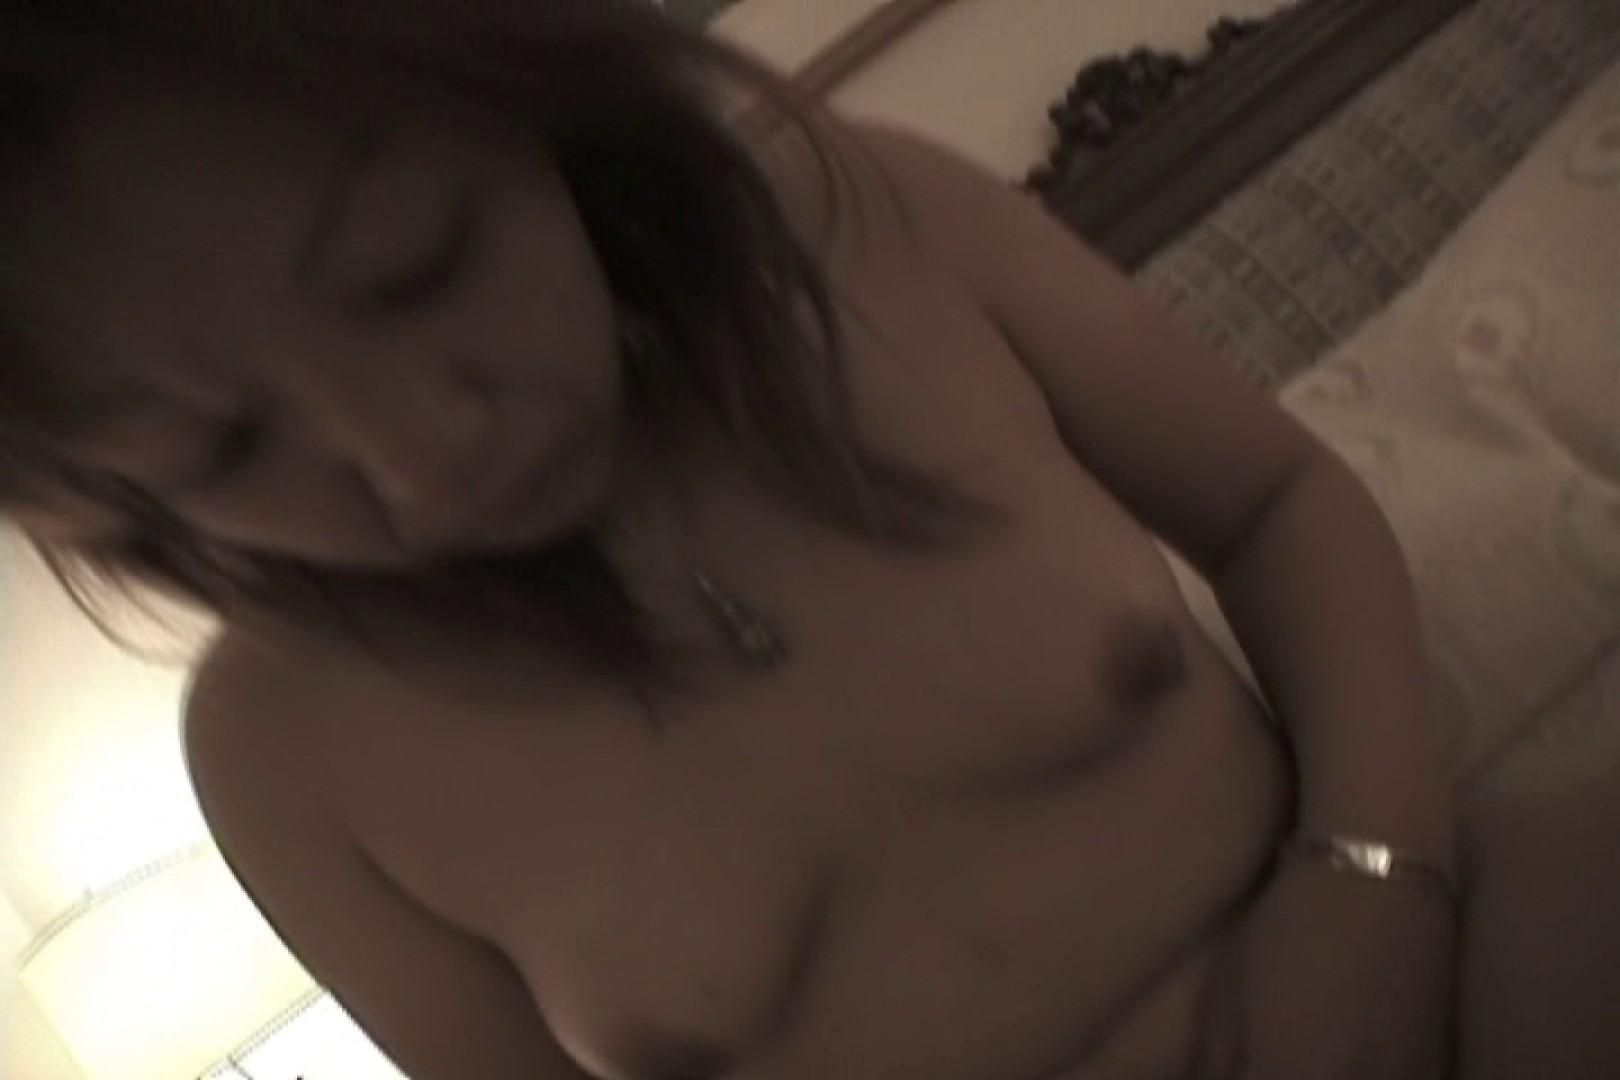 ツンデレ素人嬢もチンポには弱い~増田あけみ~ フェラ  52PIX 38